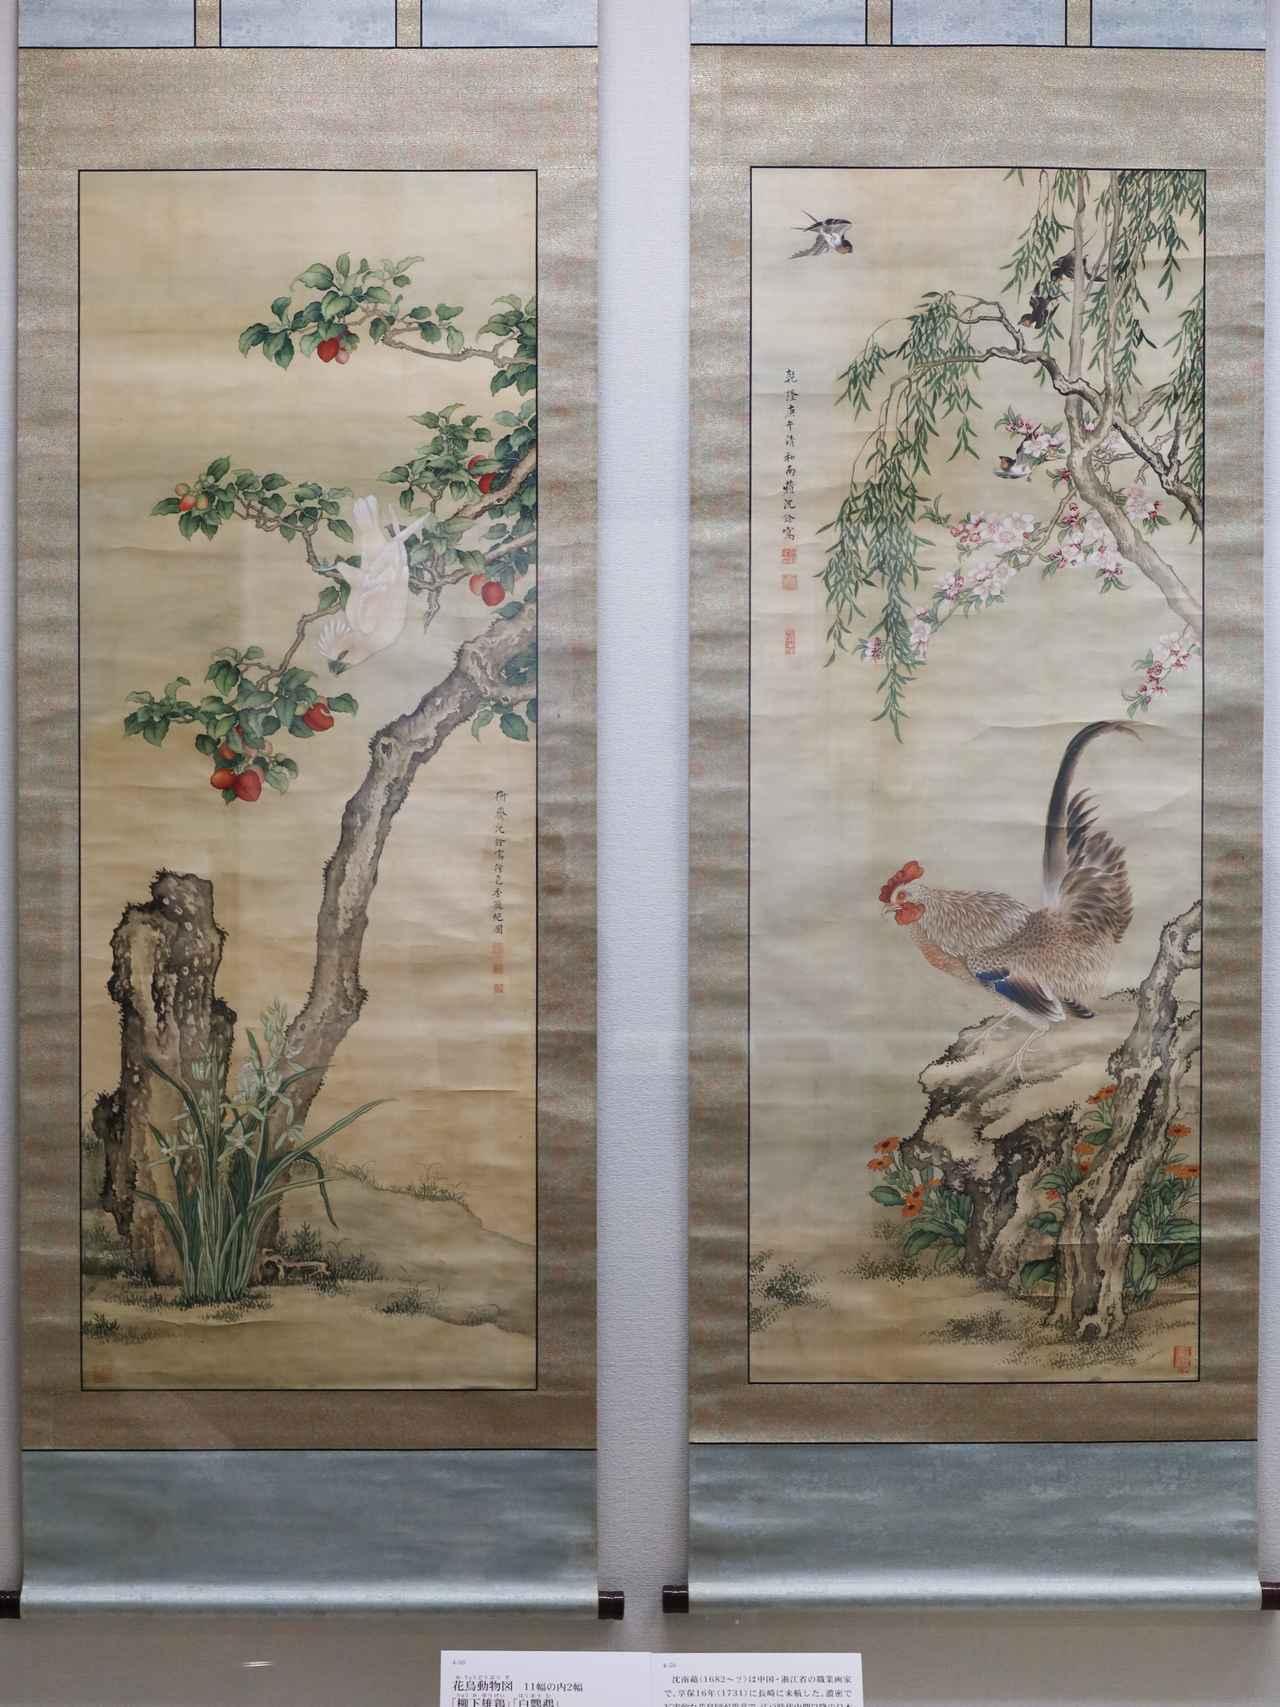 画像: 沈南蘋 三井家の北家が所有した「花鳥動物図」全11幅のうち2幅、「柳下雄鶏」(右)と「白鸚鵡」(左)、中国・清時代 乾隆15(1750)年 明治天皇の皇后・美子妃のための茶会で掛けられた2枚・後述